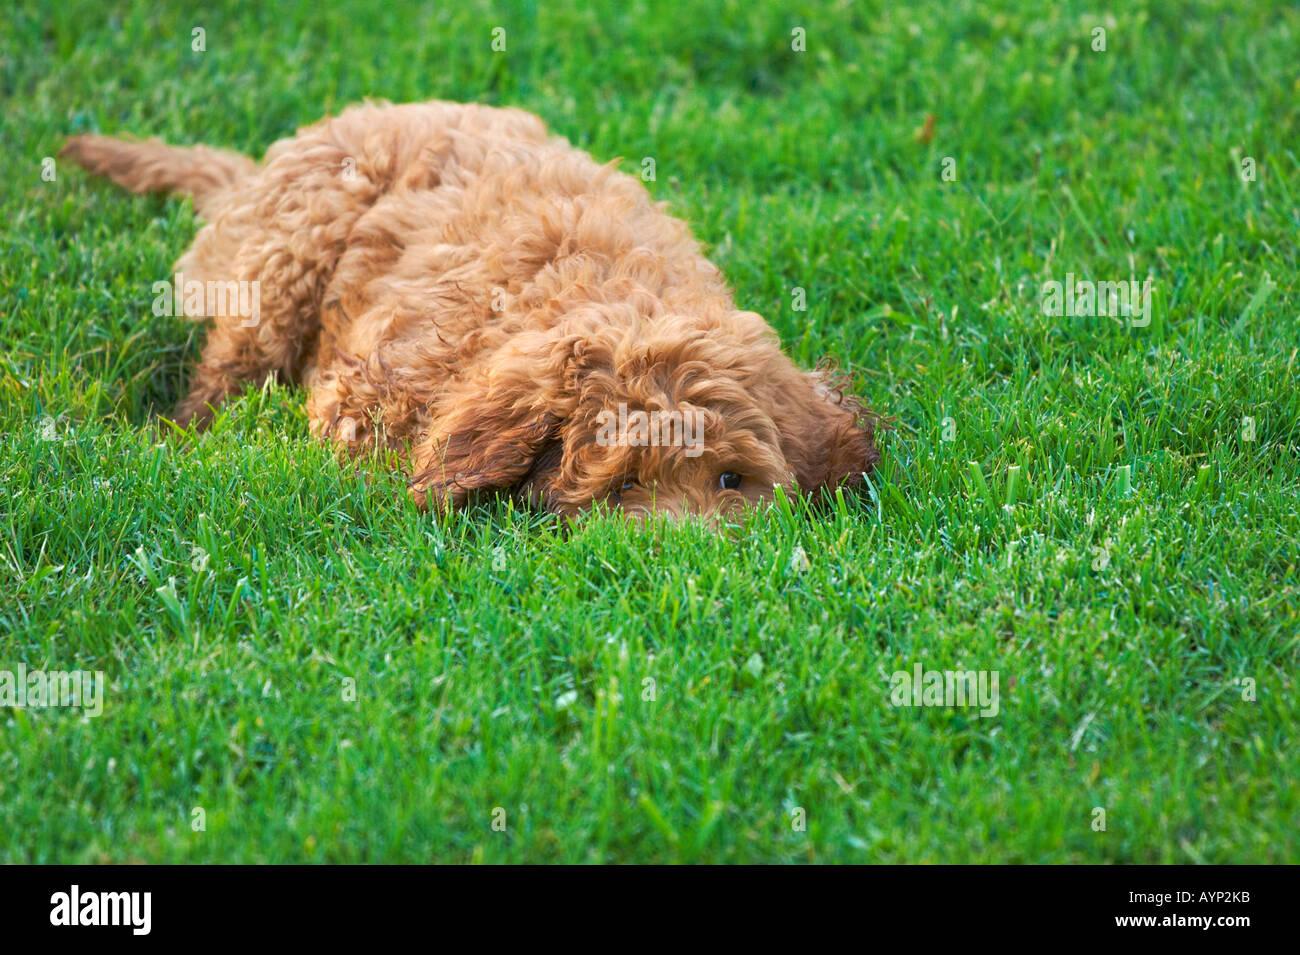 Golden doodle cani cucciolo di cane morbidi i capelli ricci la riproduzione di erba verde nuova razza Immagini Stock